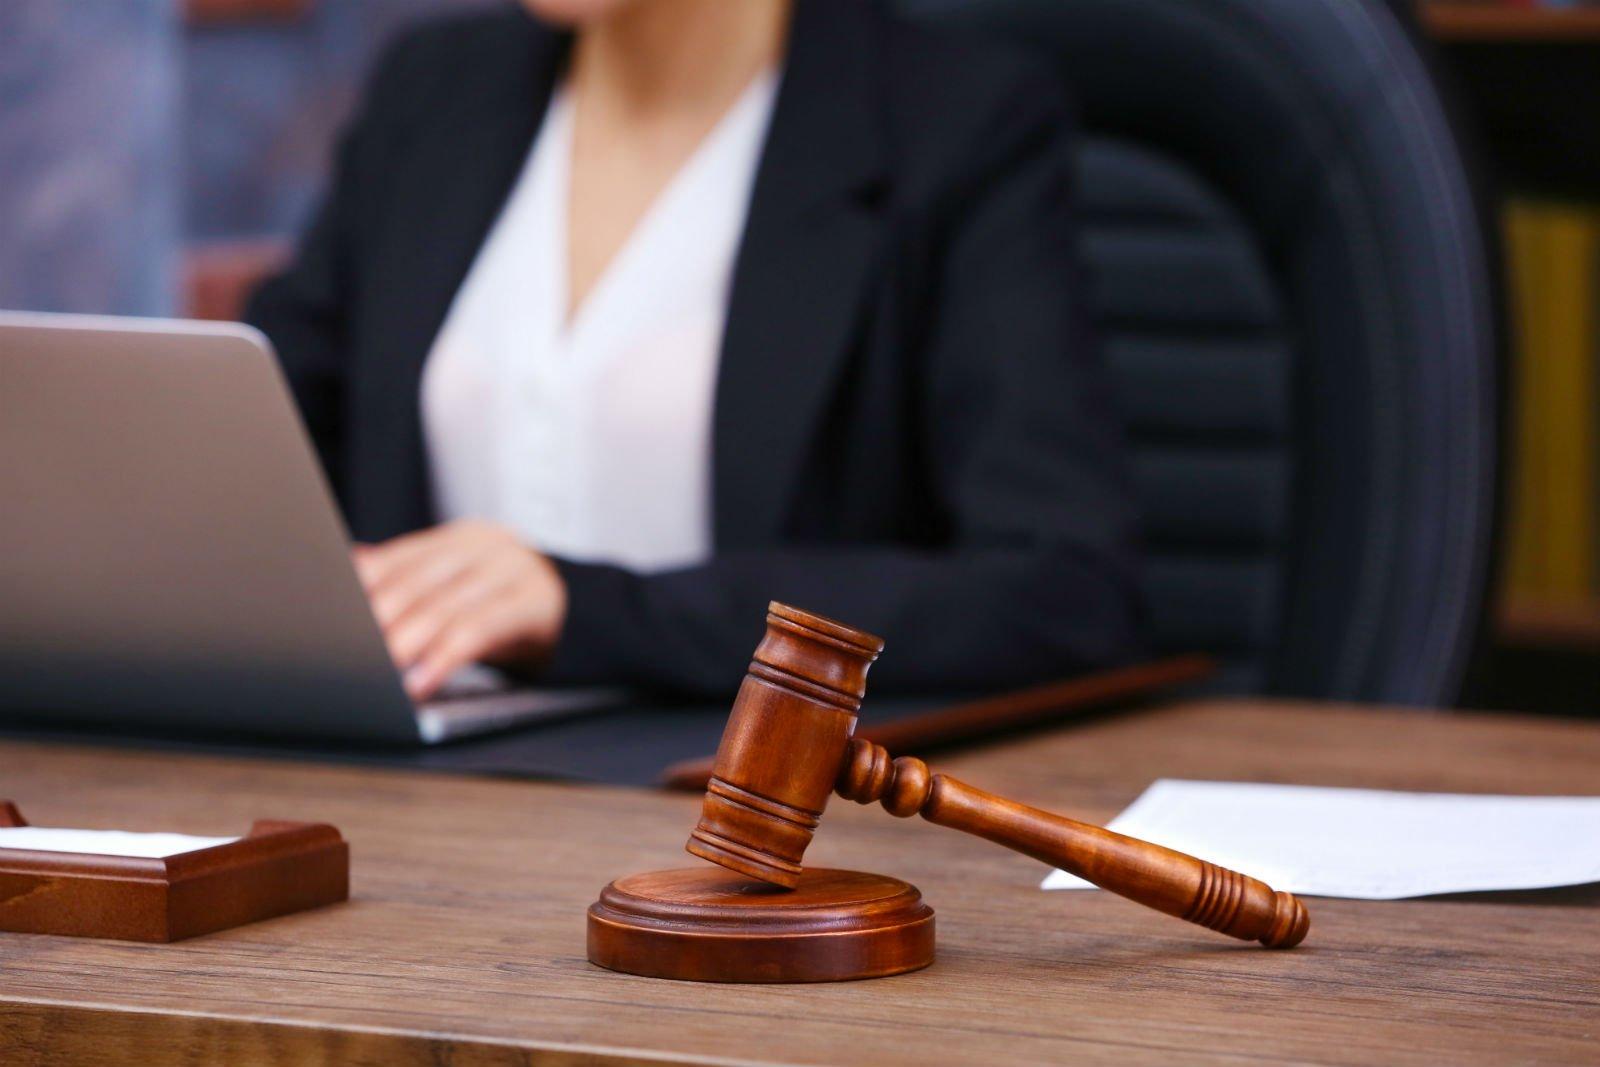 martelletto da giudice su una scrivania